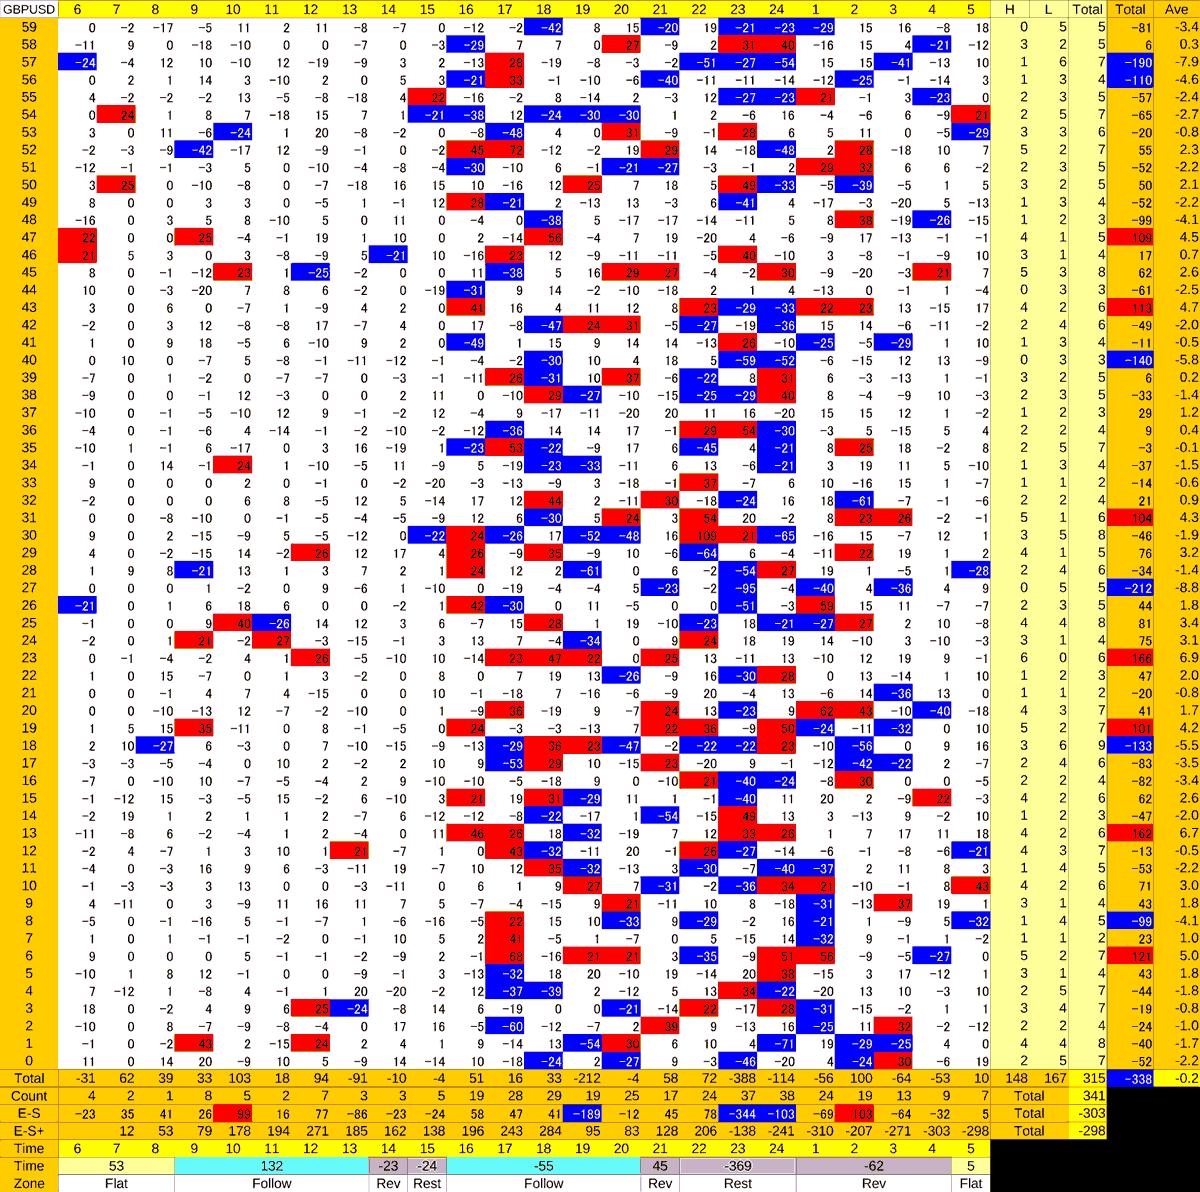 20210113_HS(2)GBPUSD